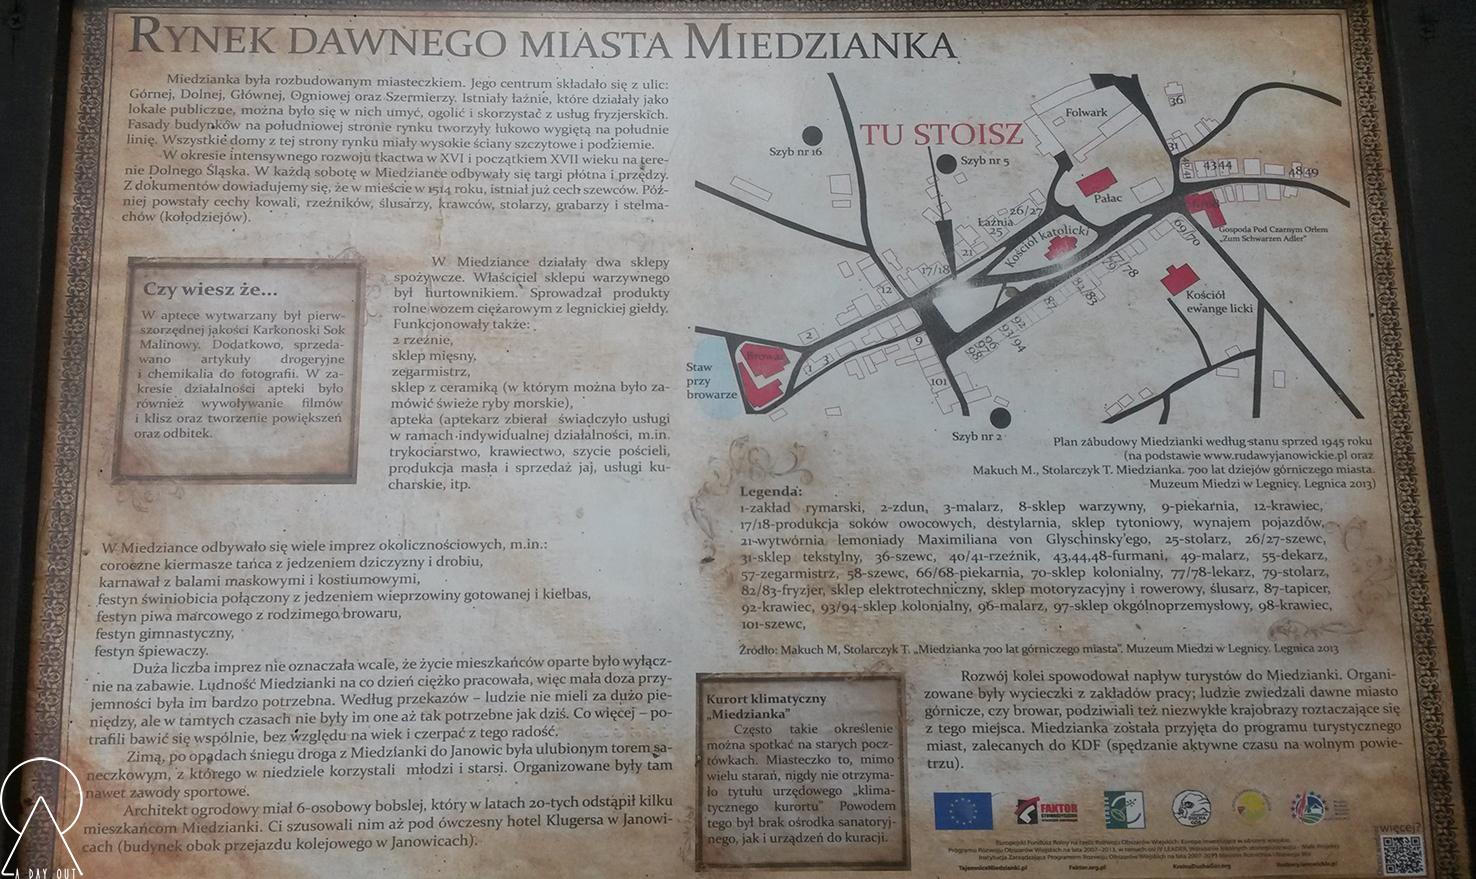 Miedzianka - tablica zeszlaku Miedzianka - Mniszków - 900 lat historii